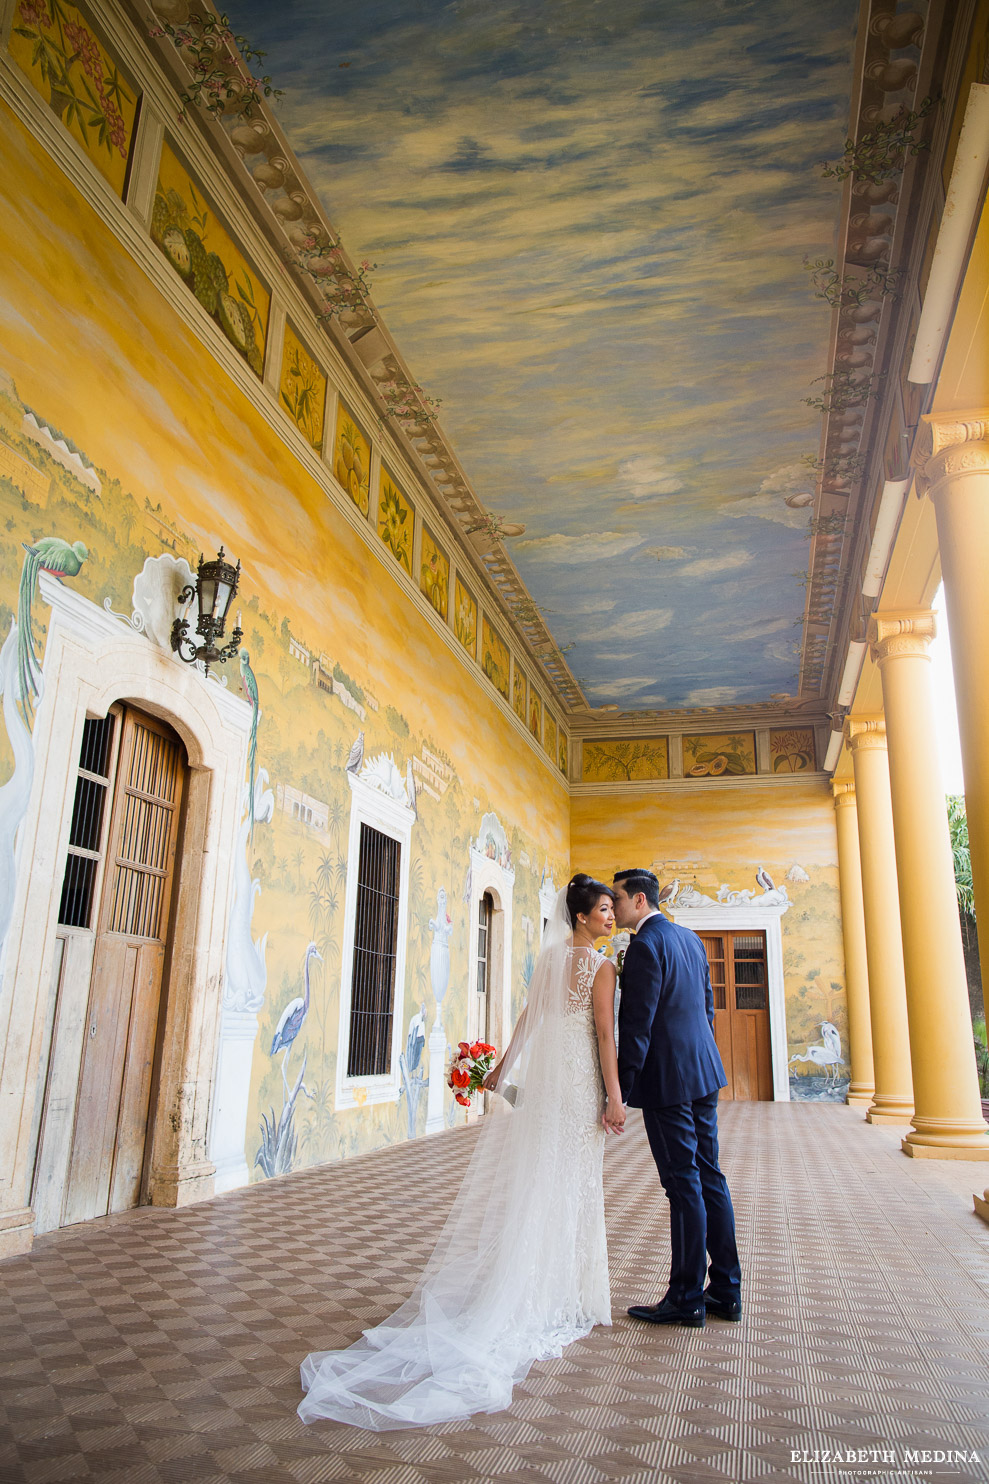 hacienda tekik de regil wedding elizabeth medina photography 20 Hacienda Tekik de Regil Yucatan Wedding, Fotografía Hacienda Tekik de Regil, Yucatán